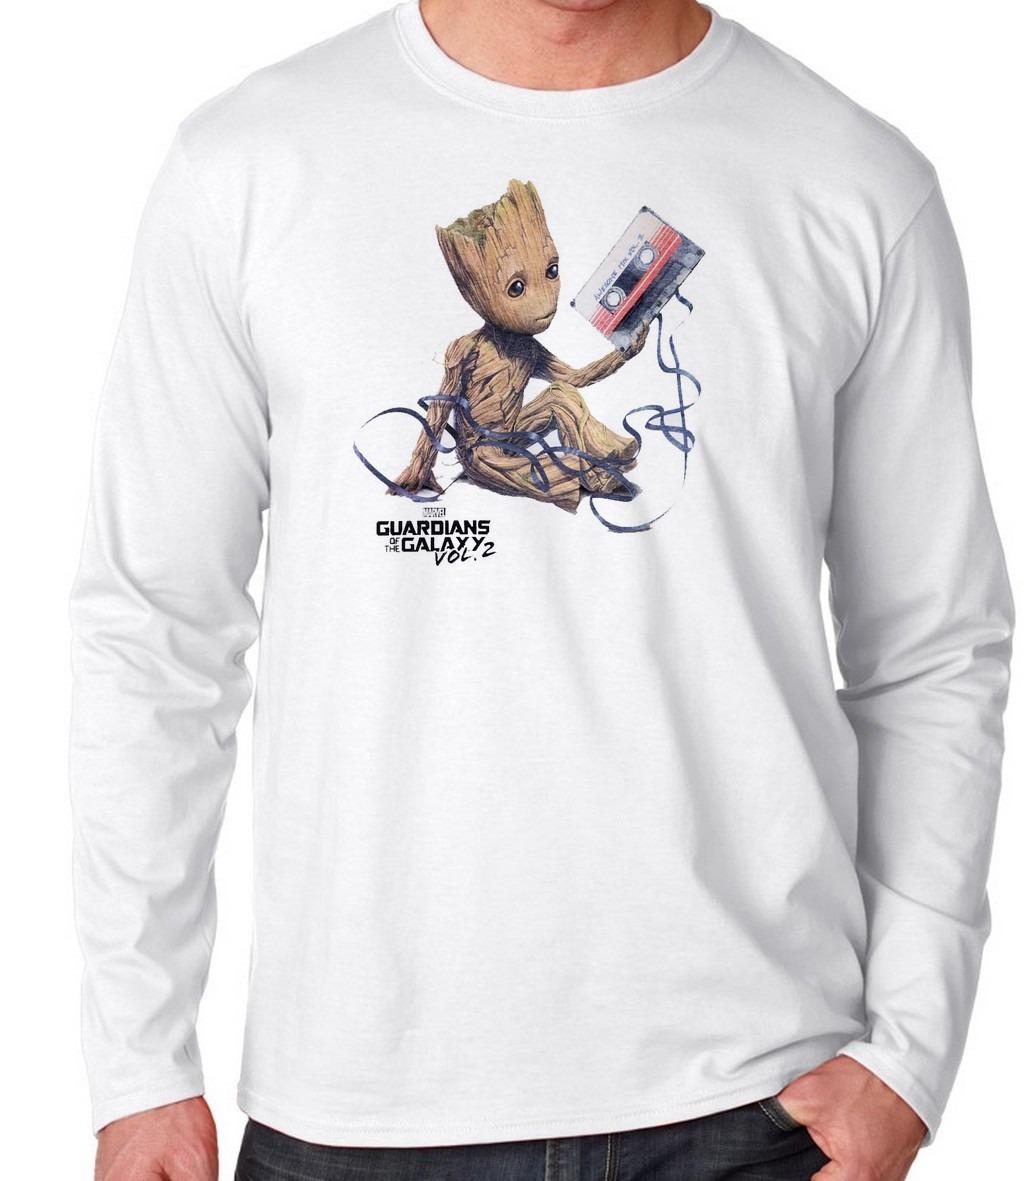 90f5b89549 Camiseta Manga Longa Blusa Frio Guardiões Galáxia Groot Fita - R  39 ...